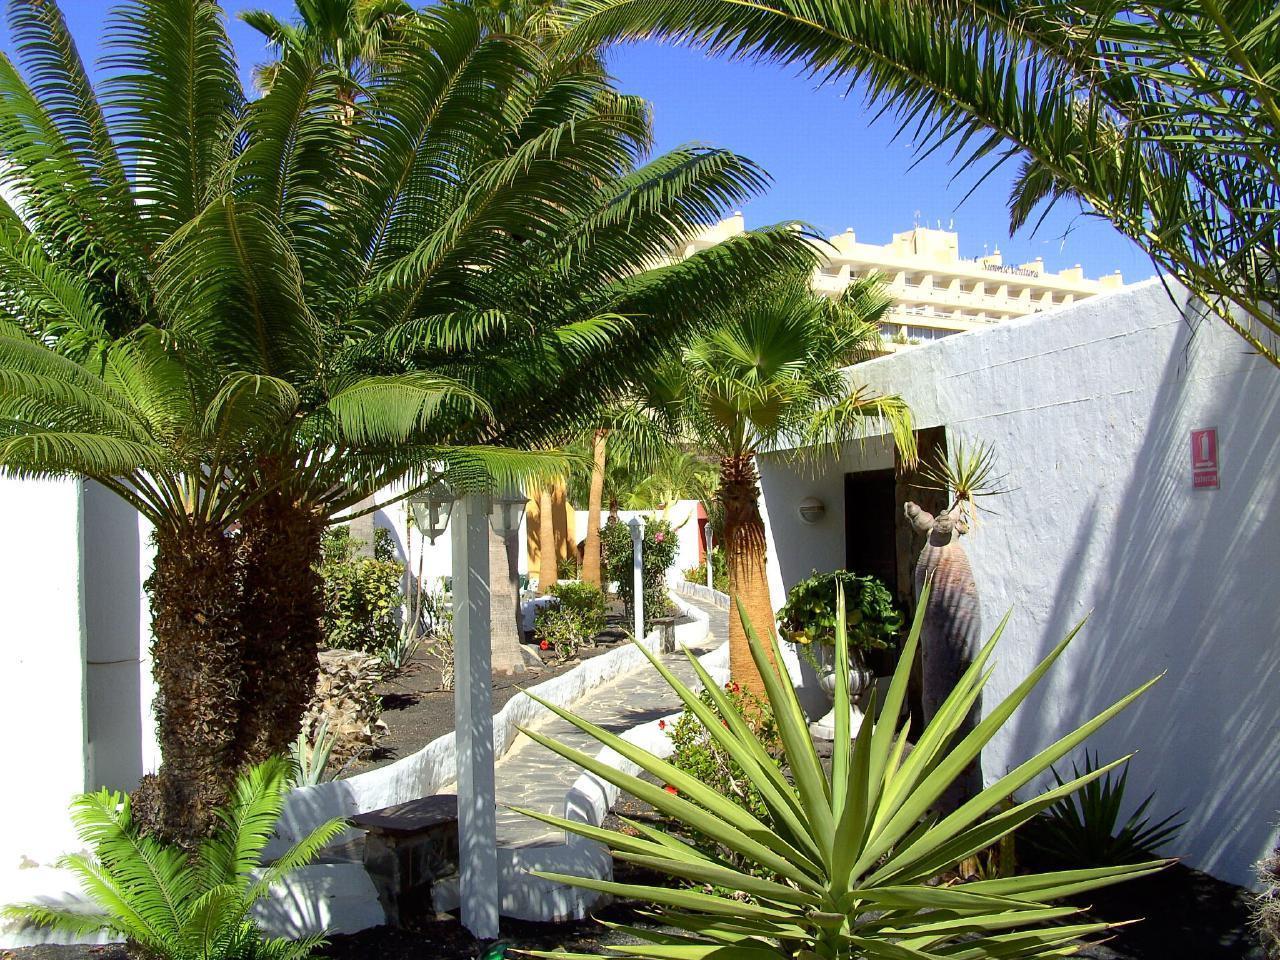 Ferienhaus Exklusiver Bungalow im Süden Fuerteventuras (2029655), Morro Jable, Fuerteventura, Kanarische Inseln, Spanien, Bild 10